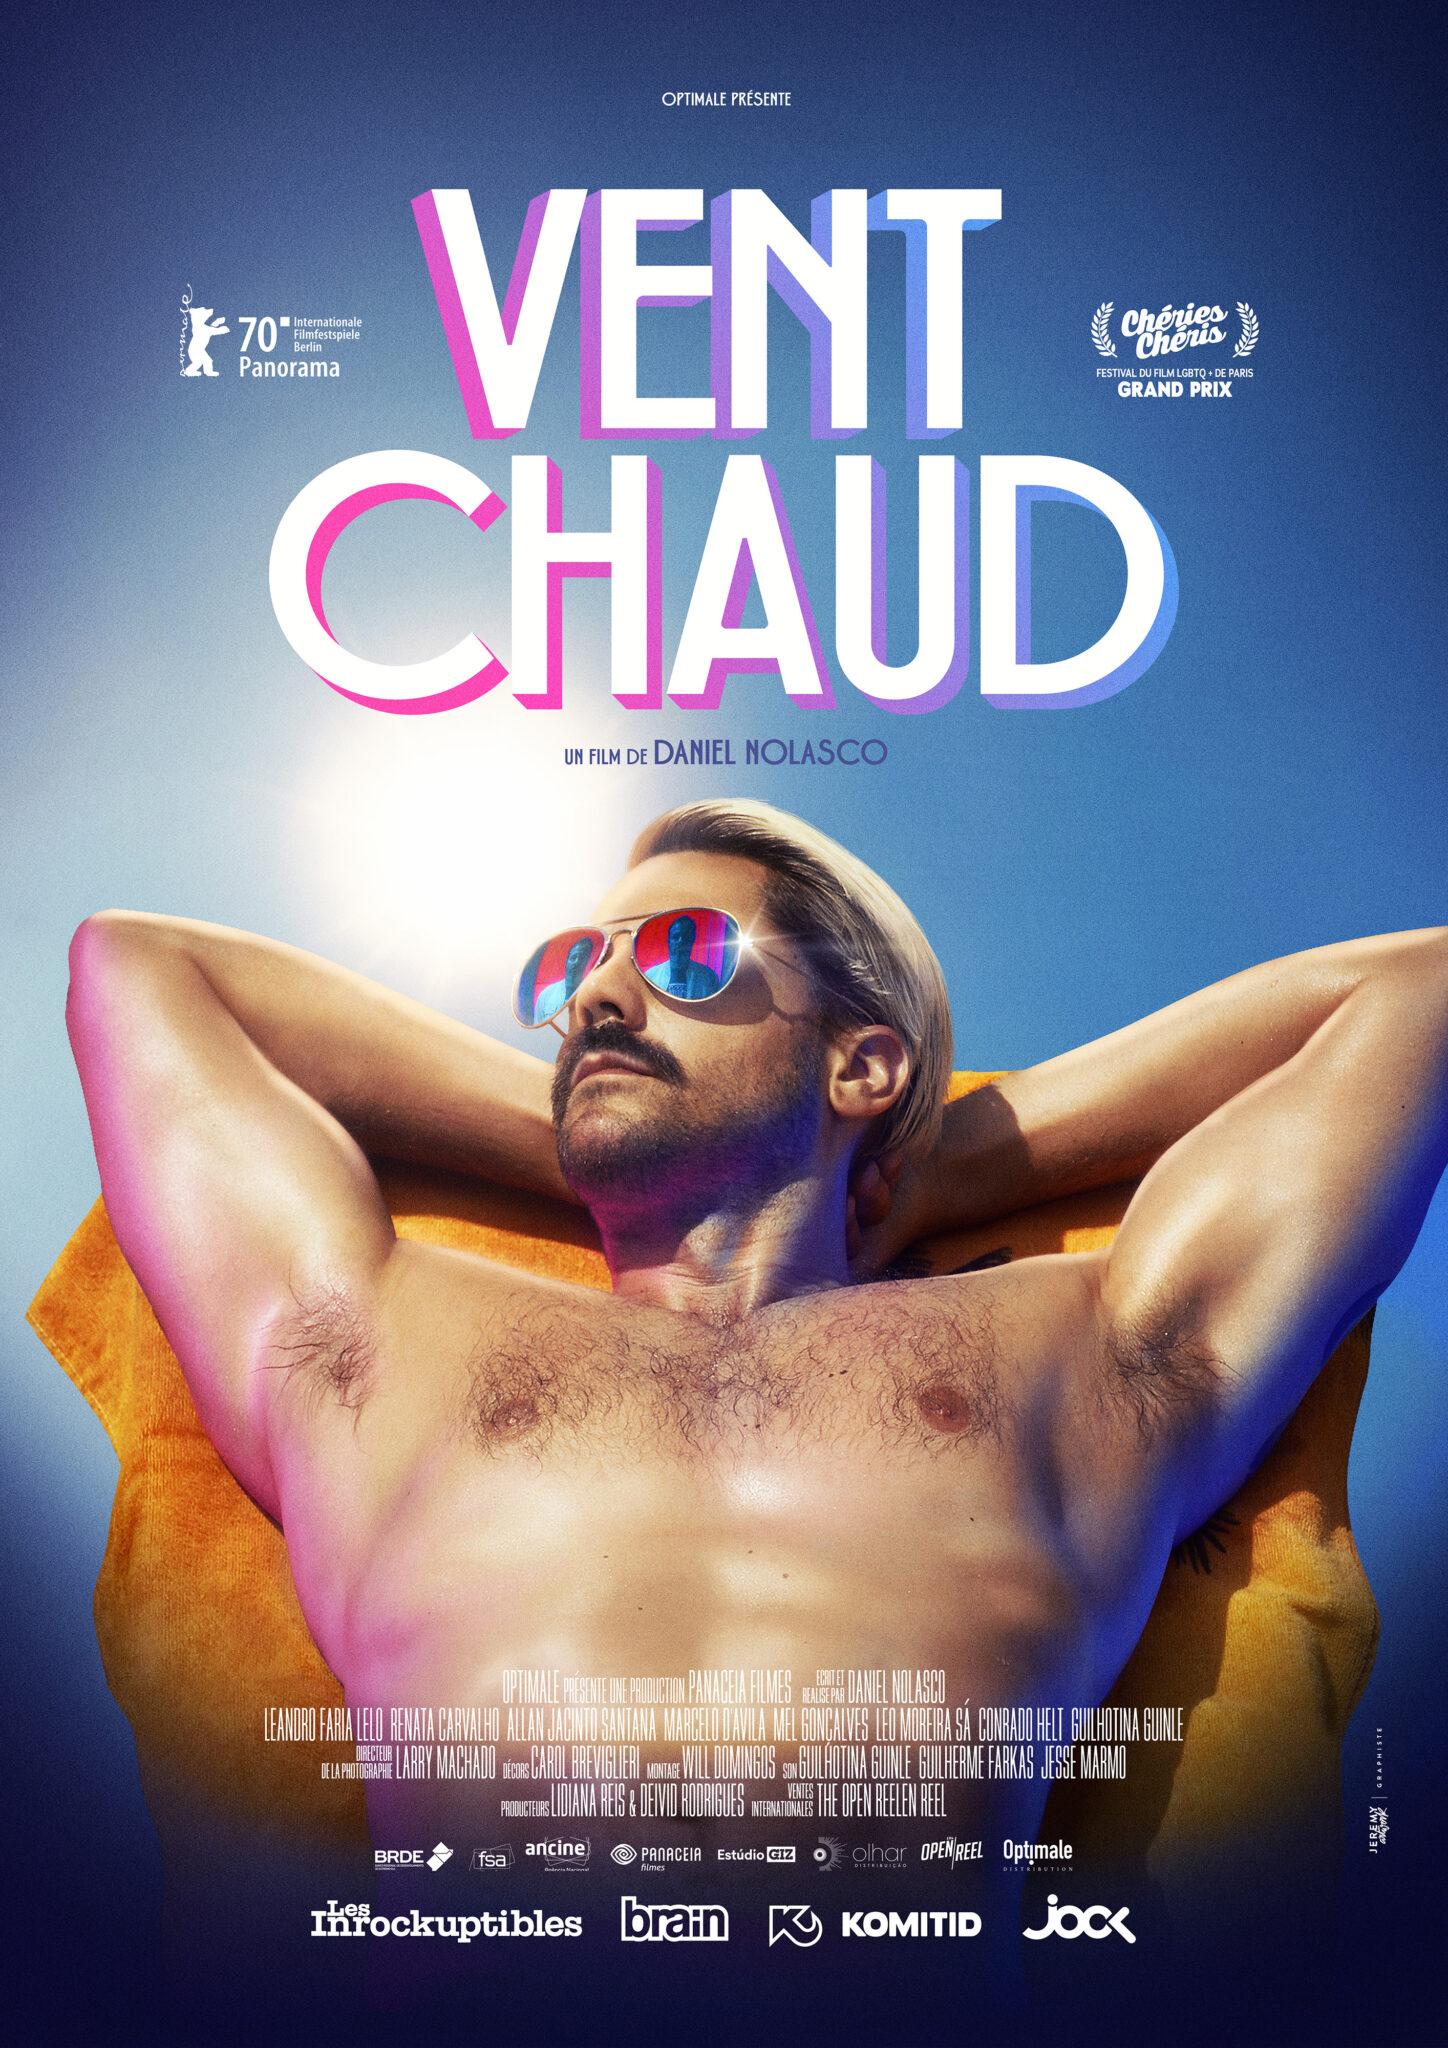 VENT_CHAUD_affiche